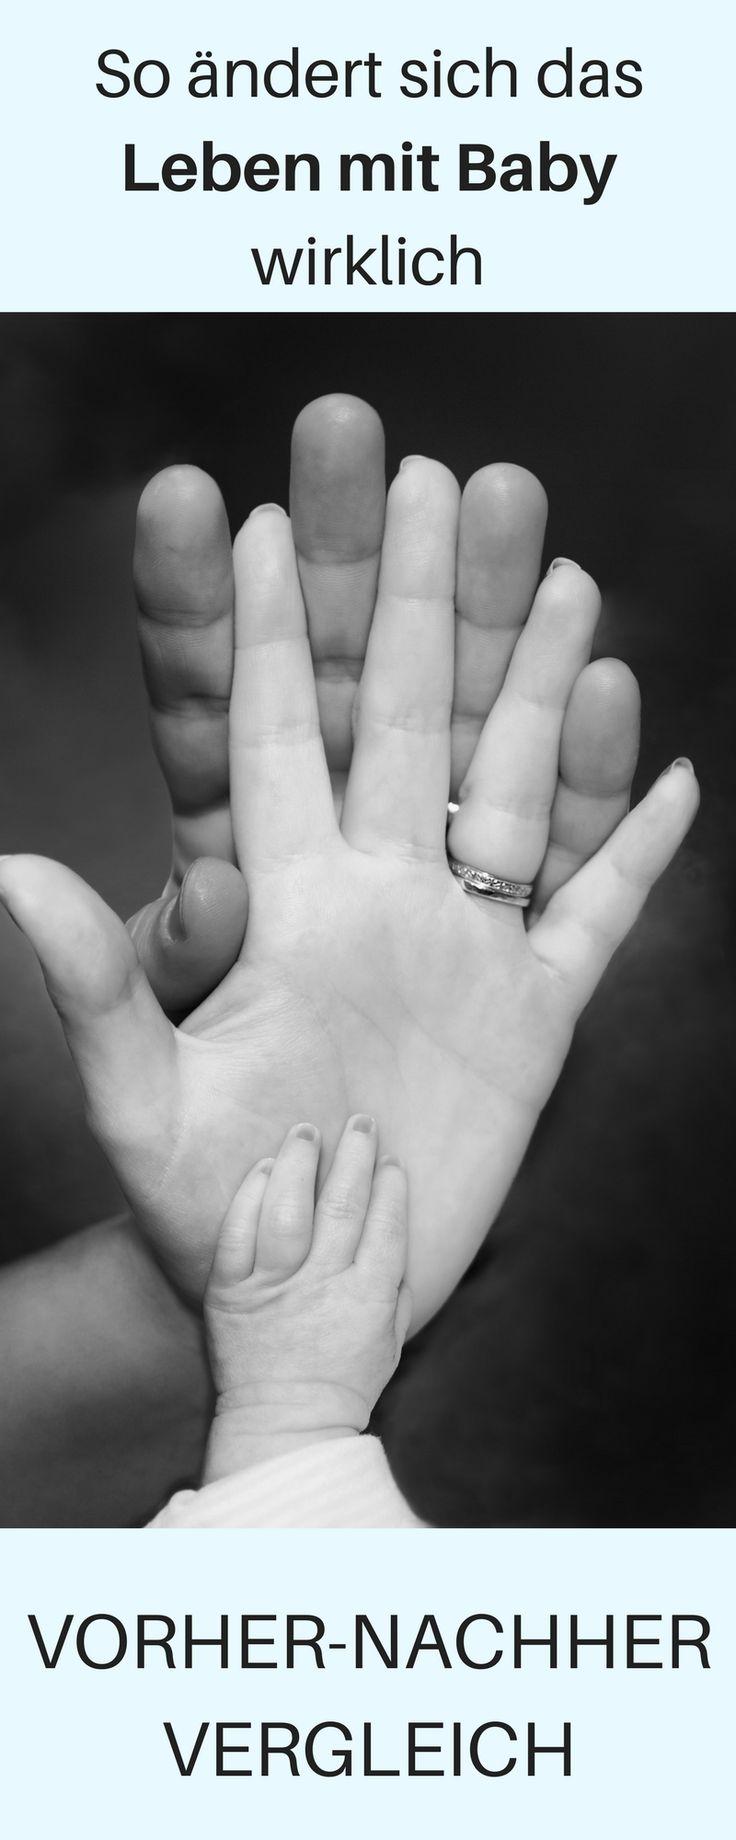 Leben mit Baby – vorher nachher – das ändert sich wirklich! ♥ – ♥ Der große Baby und Kleinkind Ratgeber ♥